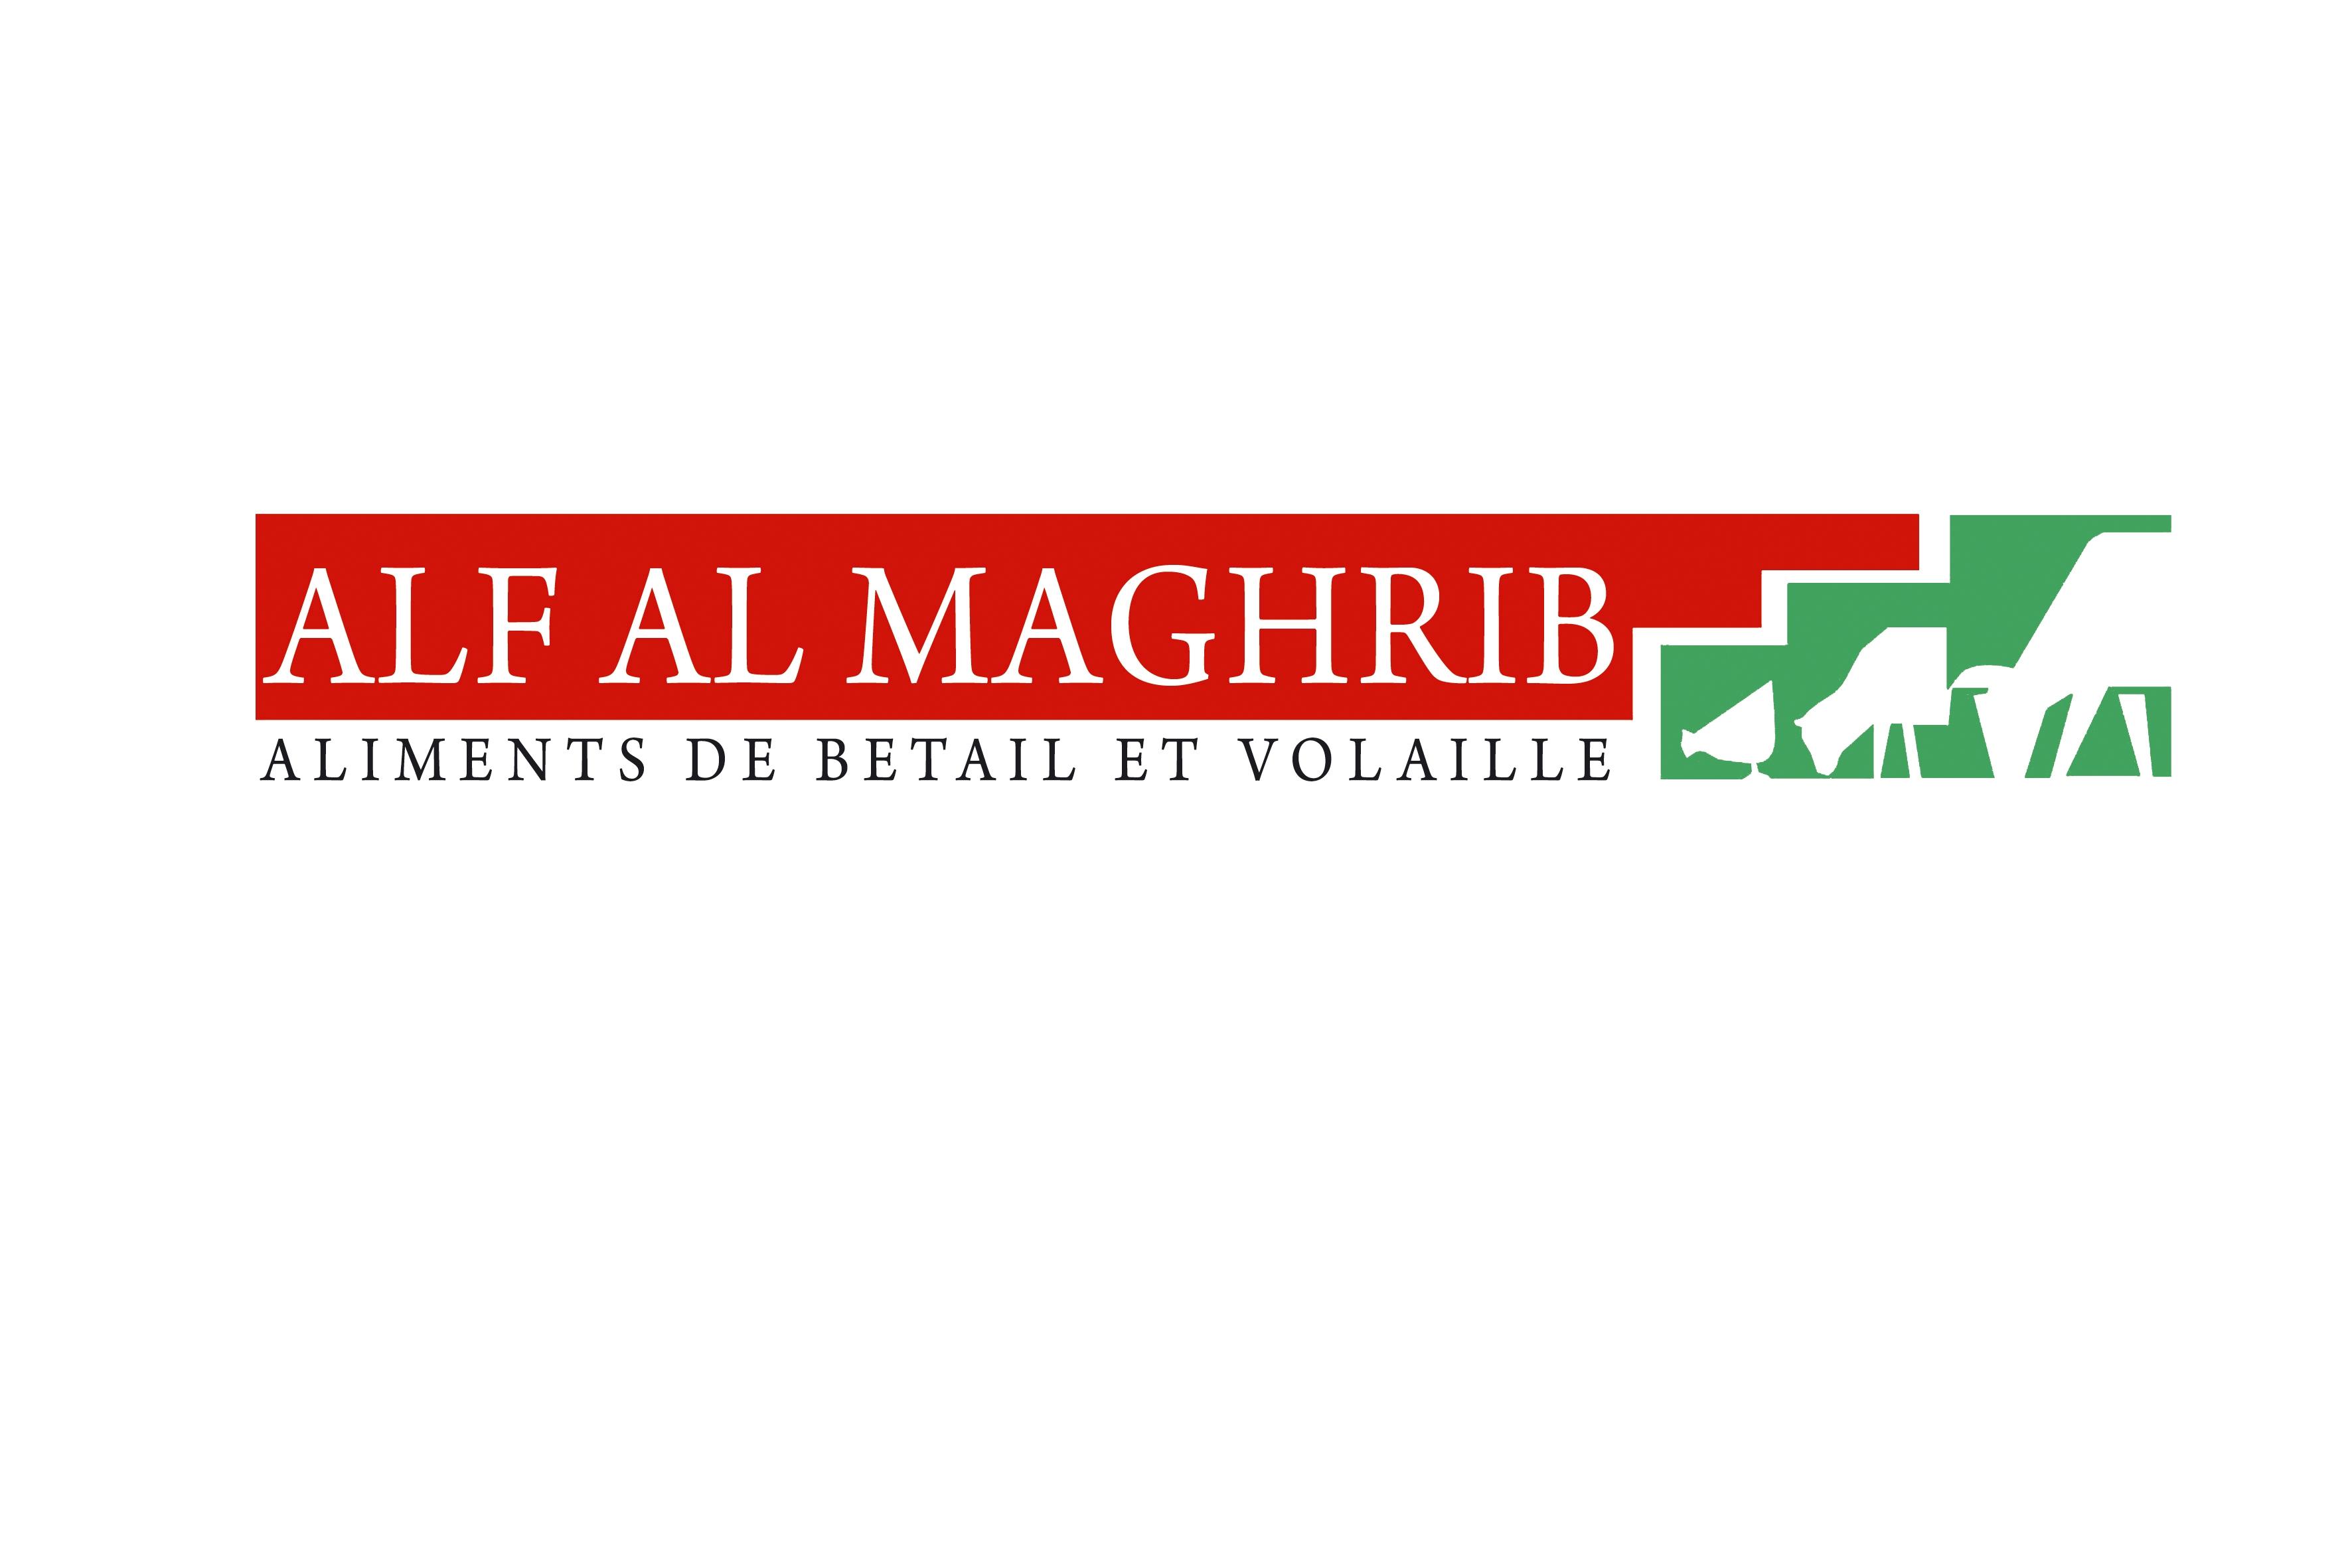 logo Alf Al Maghrib